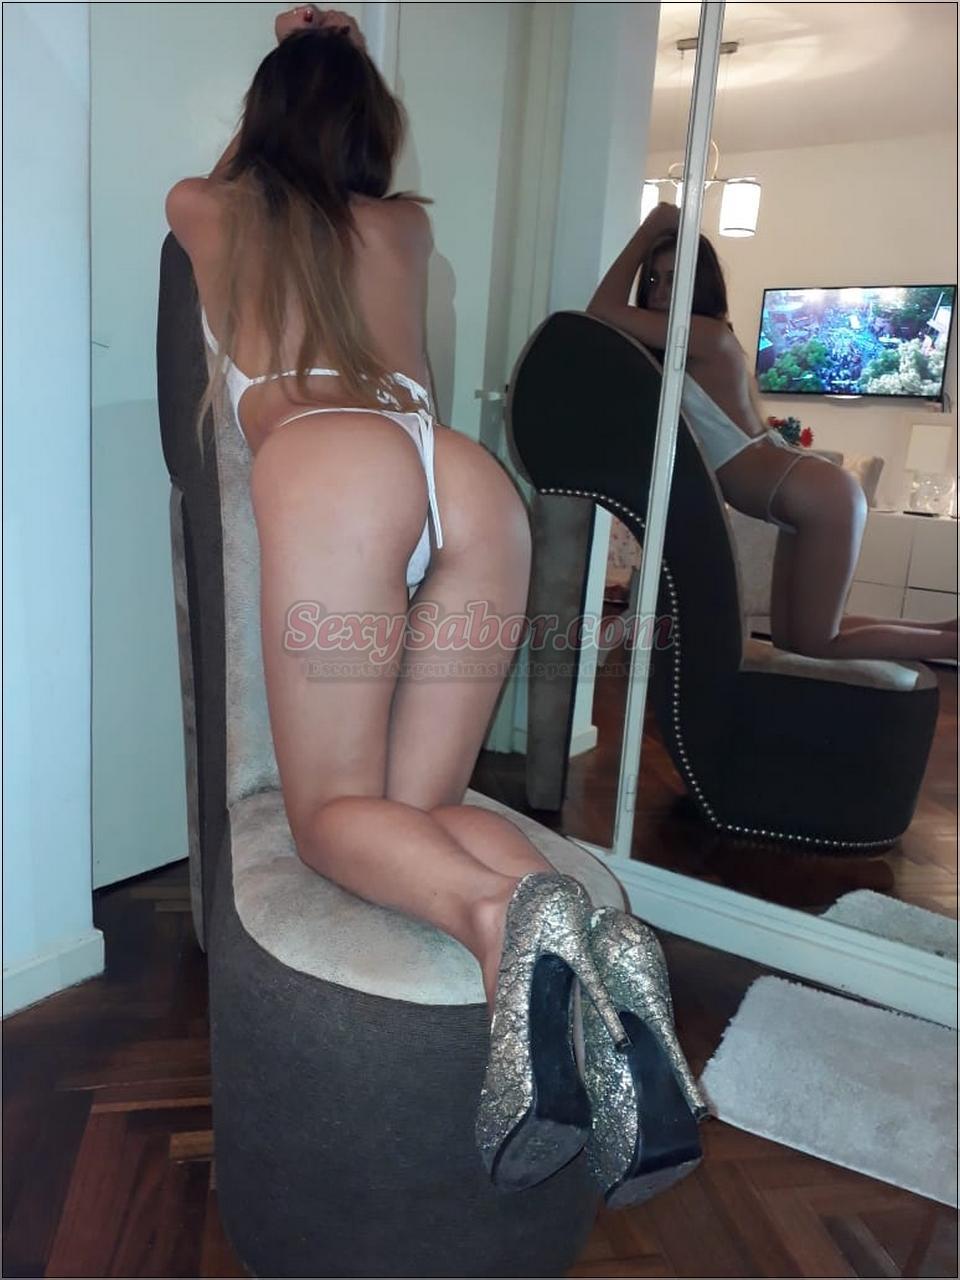 Ximena 15-3487-2569